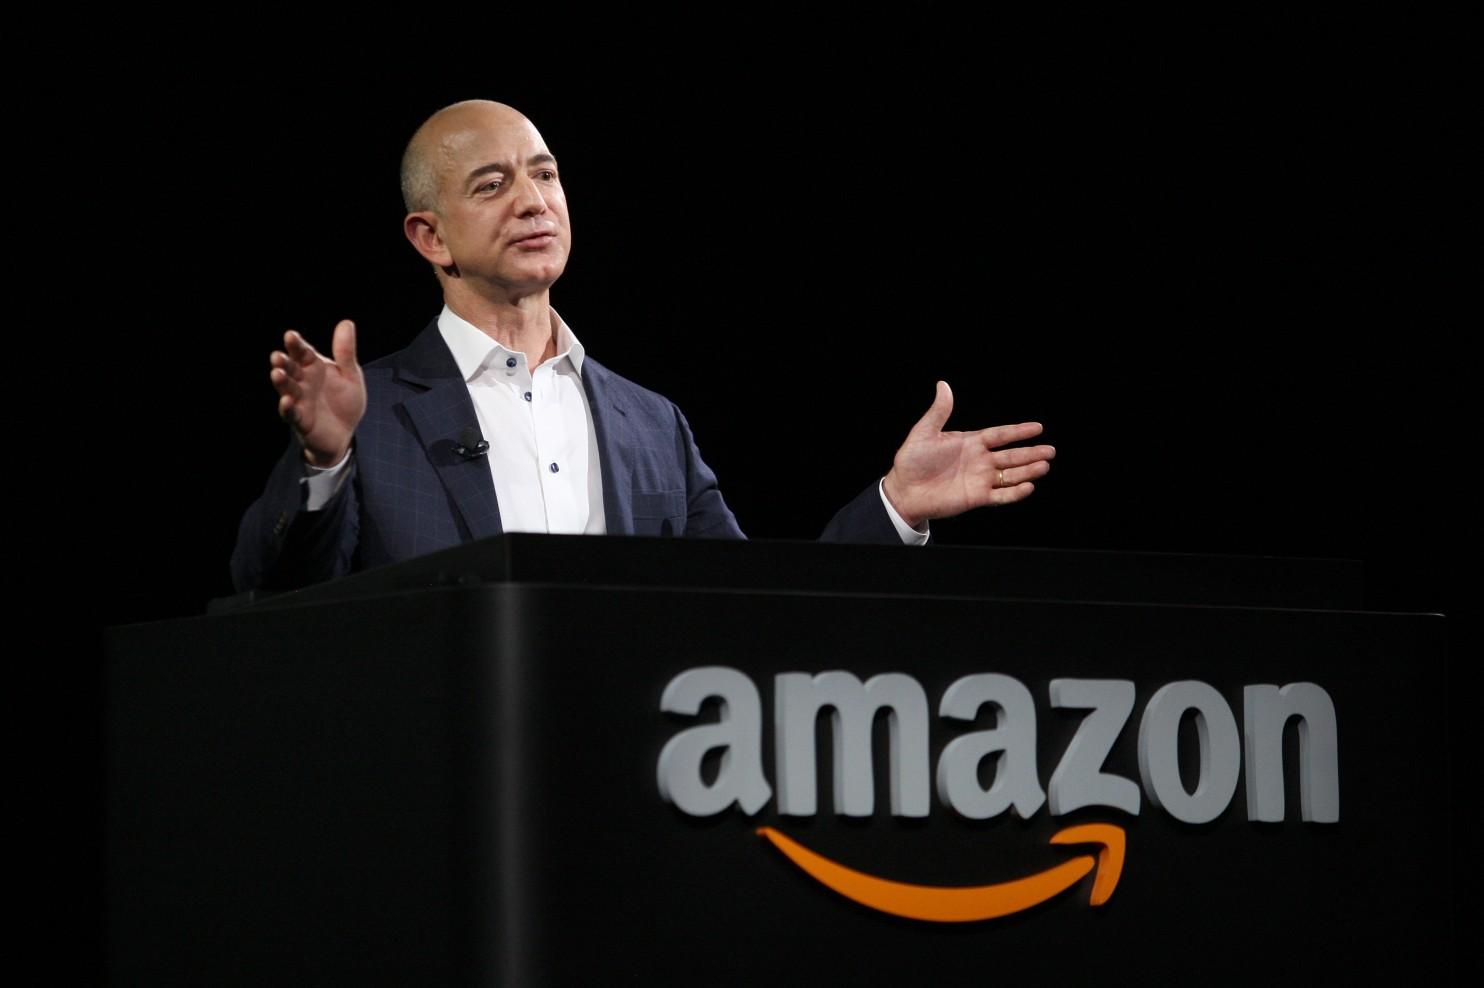 Основатель Amazon Джефф Безос запустил сбор новых идей для благотворительности